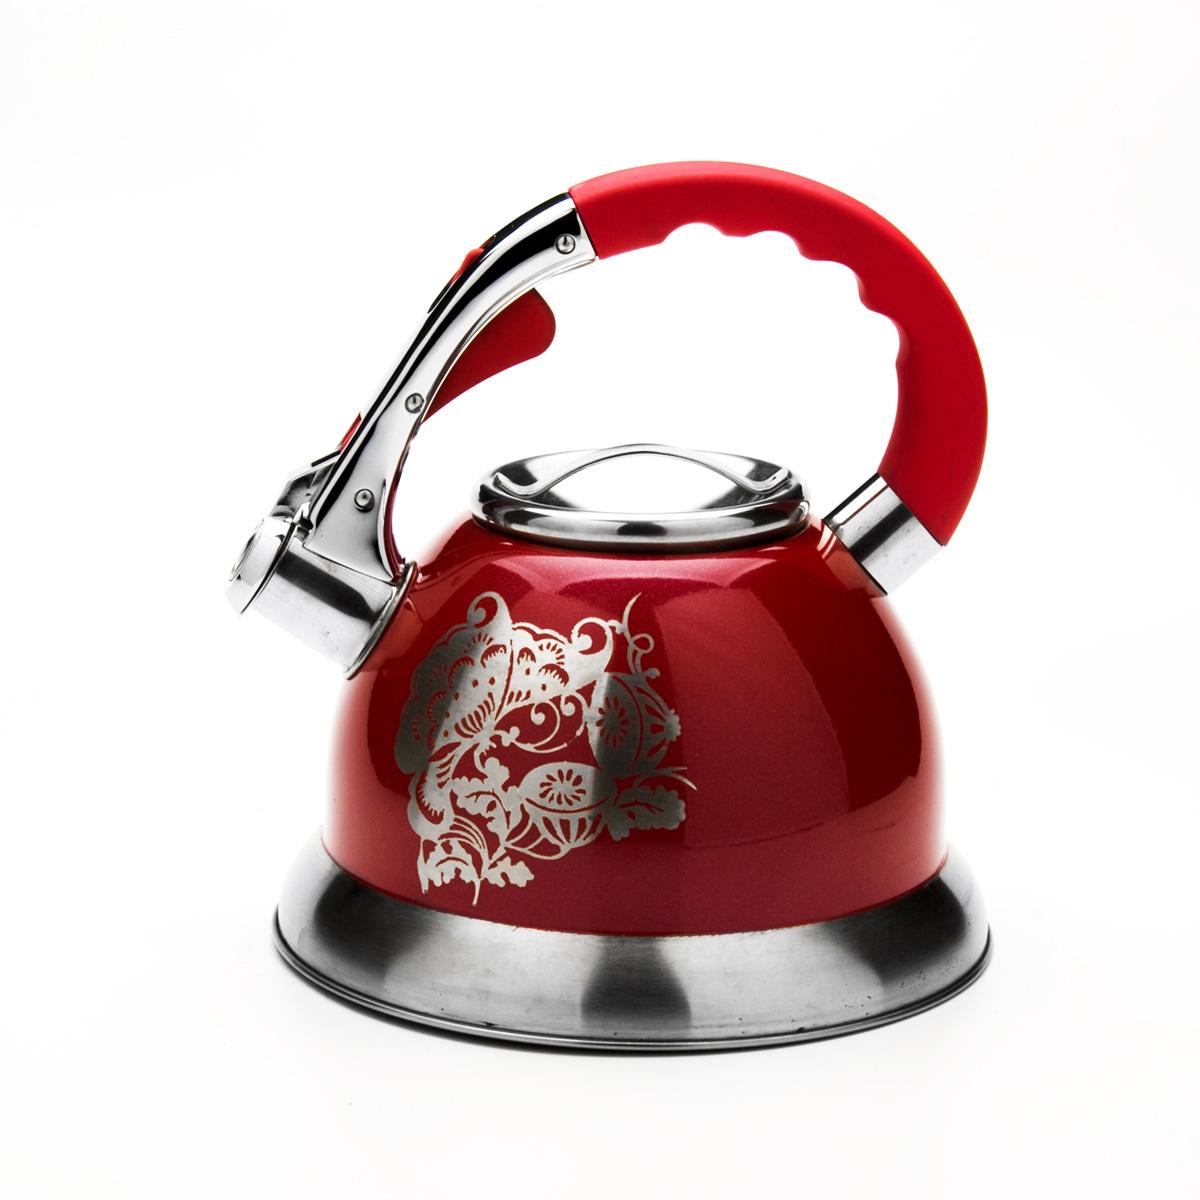 Чайник Mayer & Boch со свистком, цвет: красный, 2,7 л. 2358223582Чайник Mayer & Boch выполнен из высококачественной нержавеющей стали, что обеспечивает долговечность использования. Внешнее цветное эмалевоепокрытие придает приятный внешний вид. Фиксированная ручка из нейлона делает использование чайника очень удобным и безопасным. Чайник снабжен свистком и устройством для открывания носика, которое находится на ручке. Можно мыть в посудомоечной машине. Пригоден для всех видов плит, кроме индукционных. Высота чайника (без учета крышки и ручки): 13 см.Диаметр основания: 22 см.